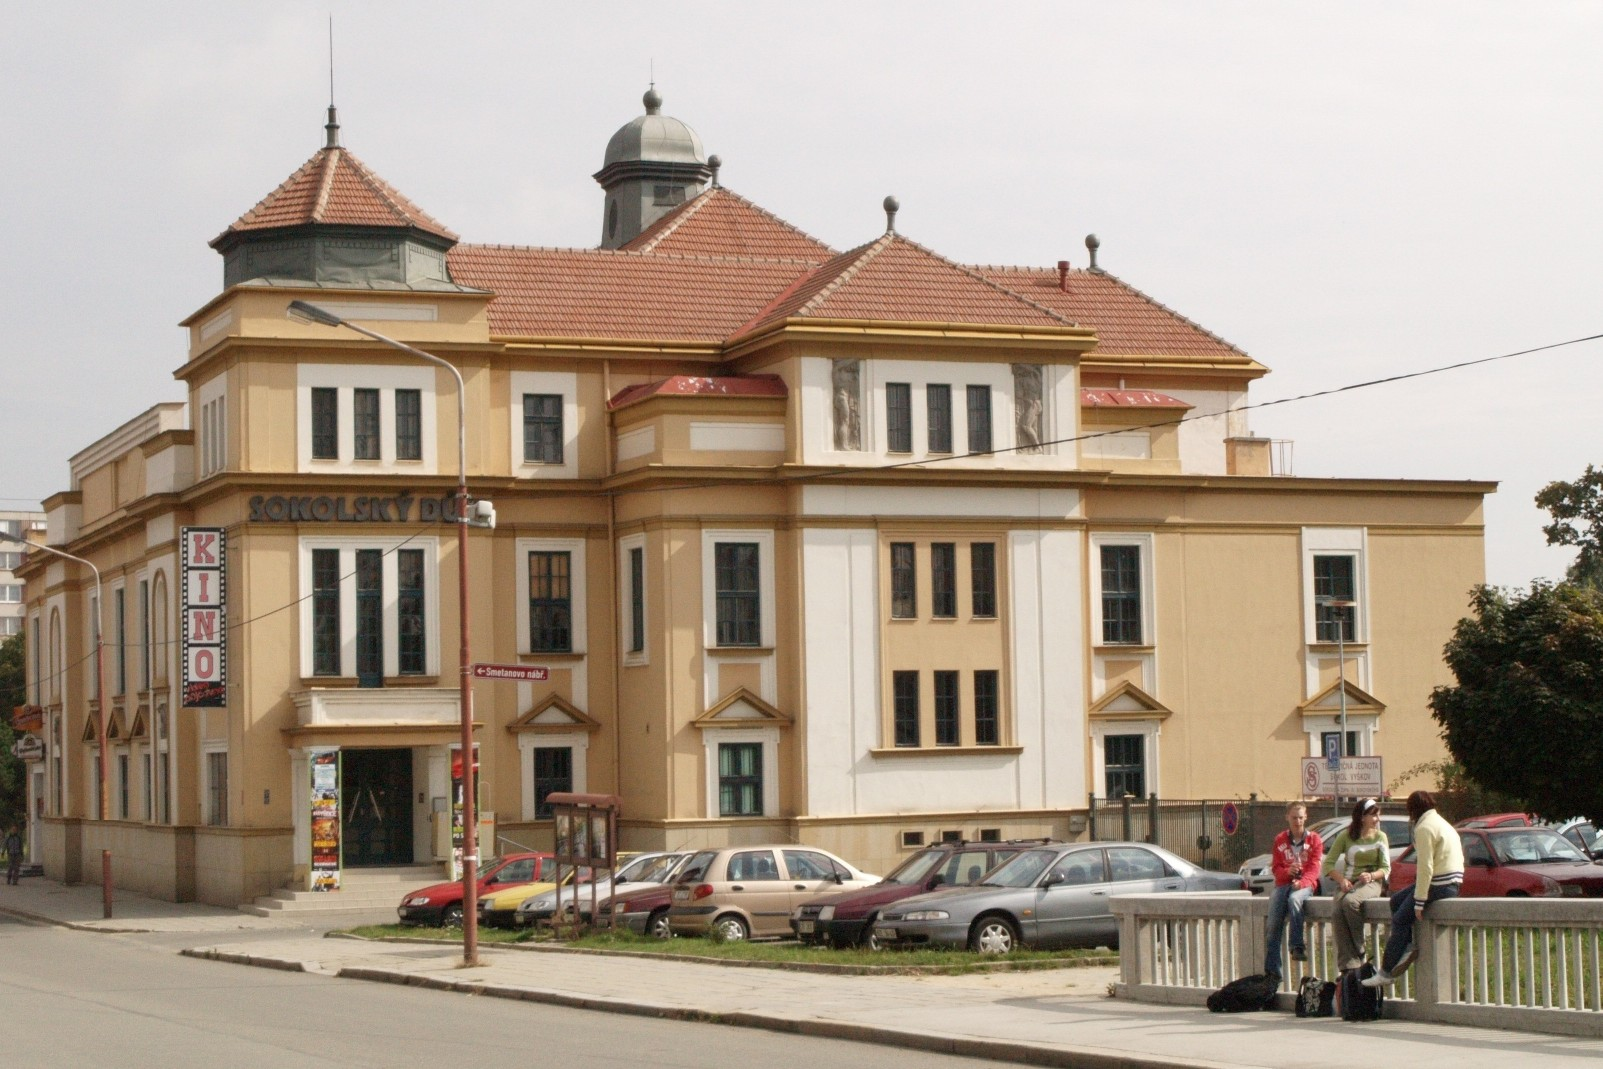 Městské kulturní středisko, Vyškov (CZ)